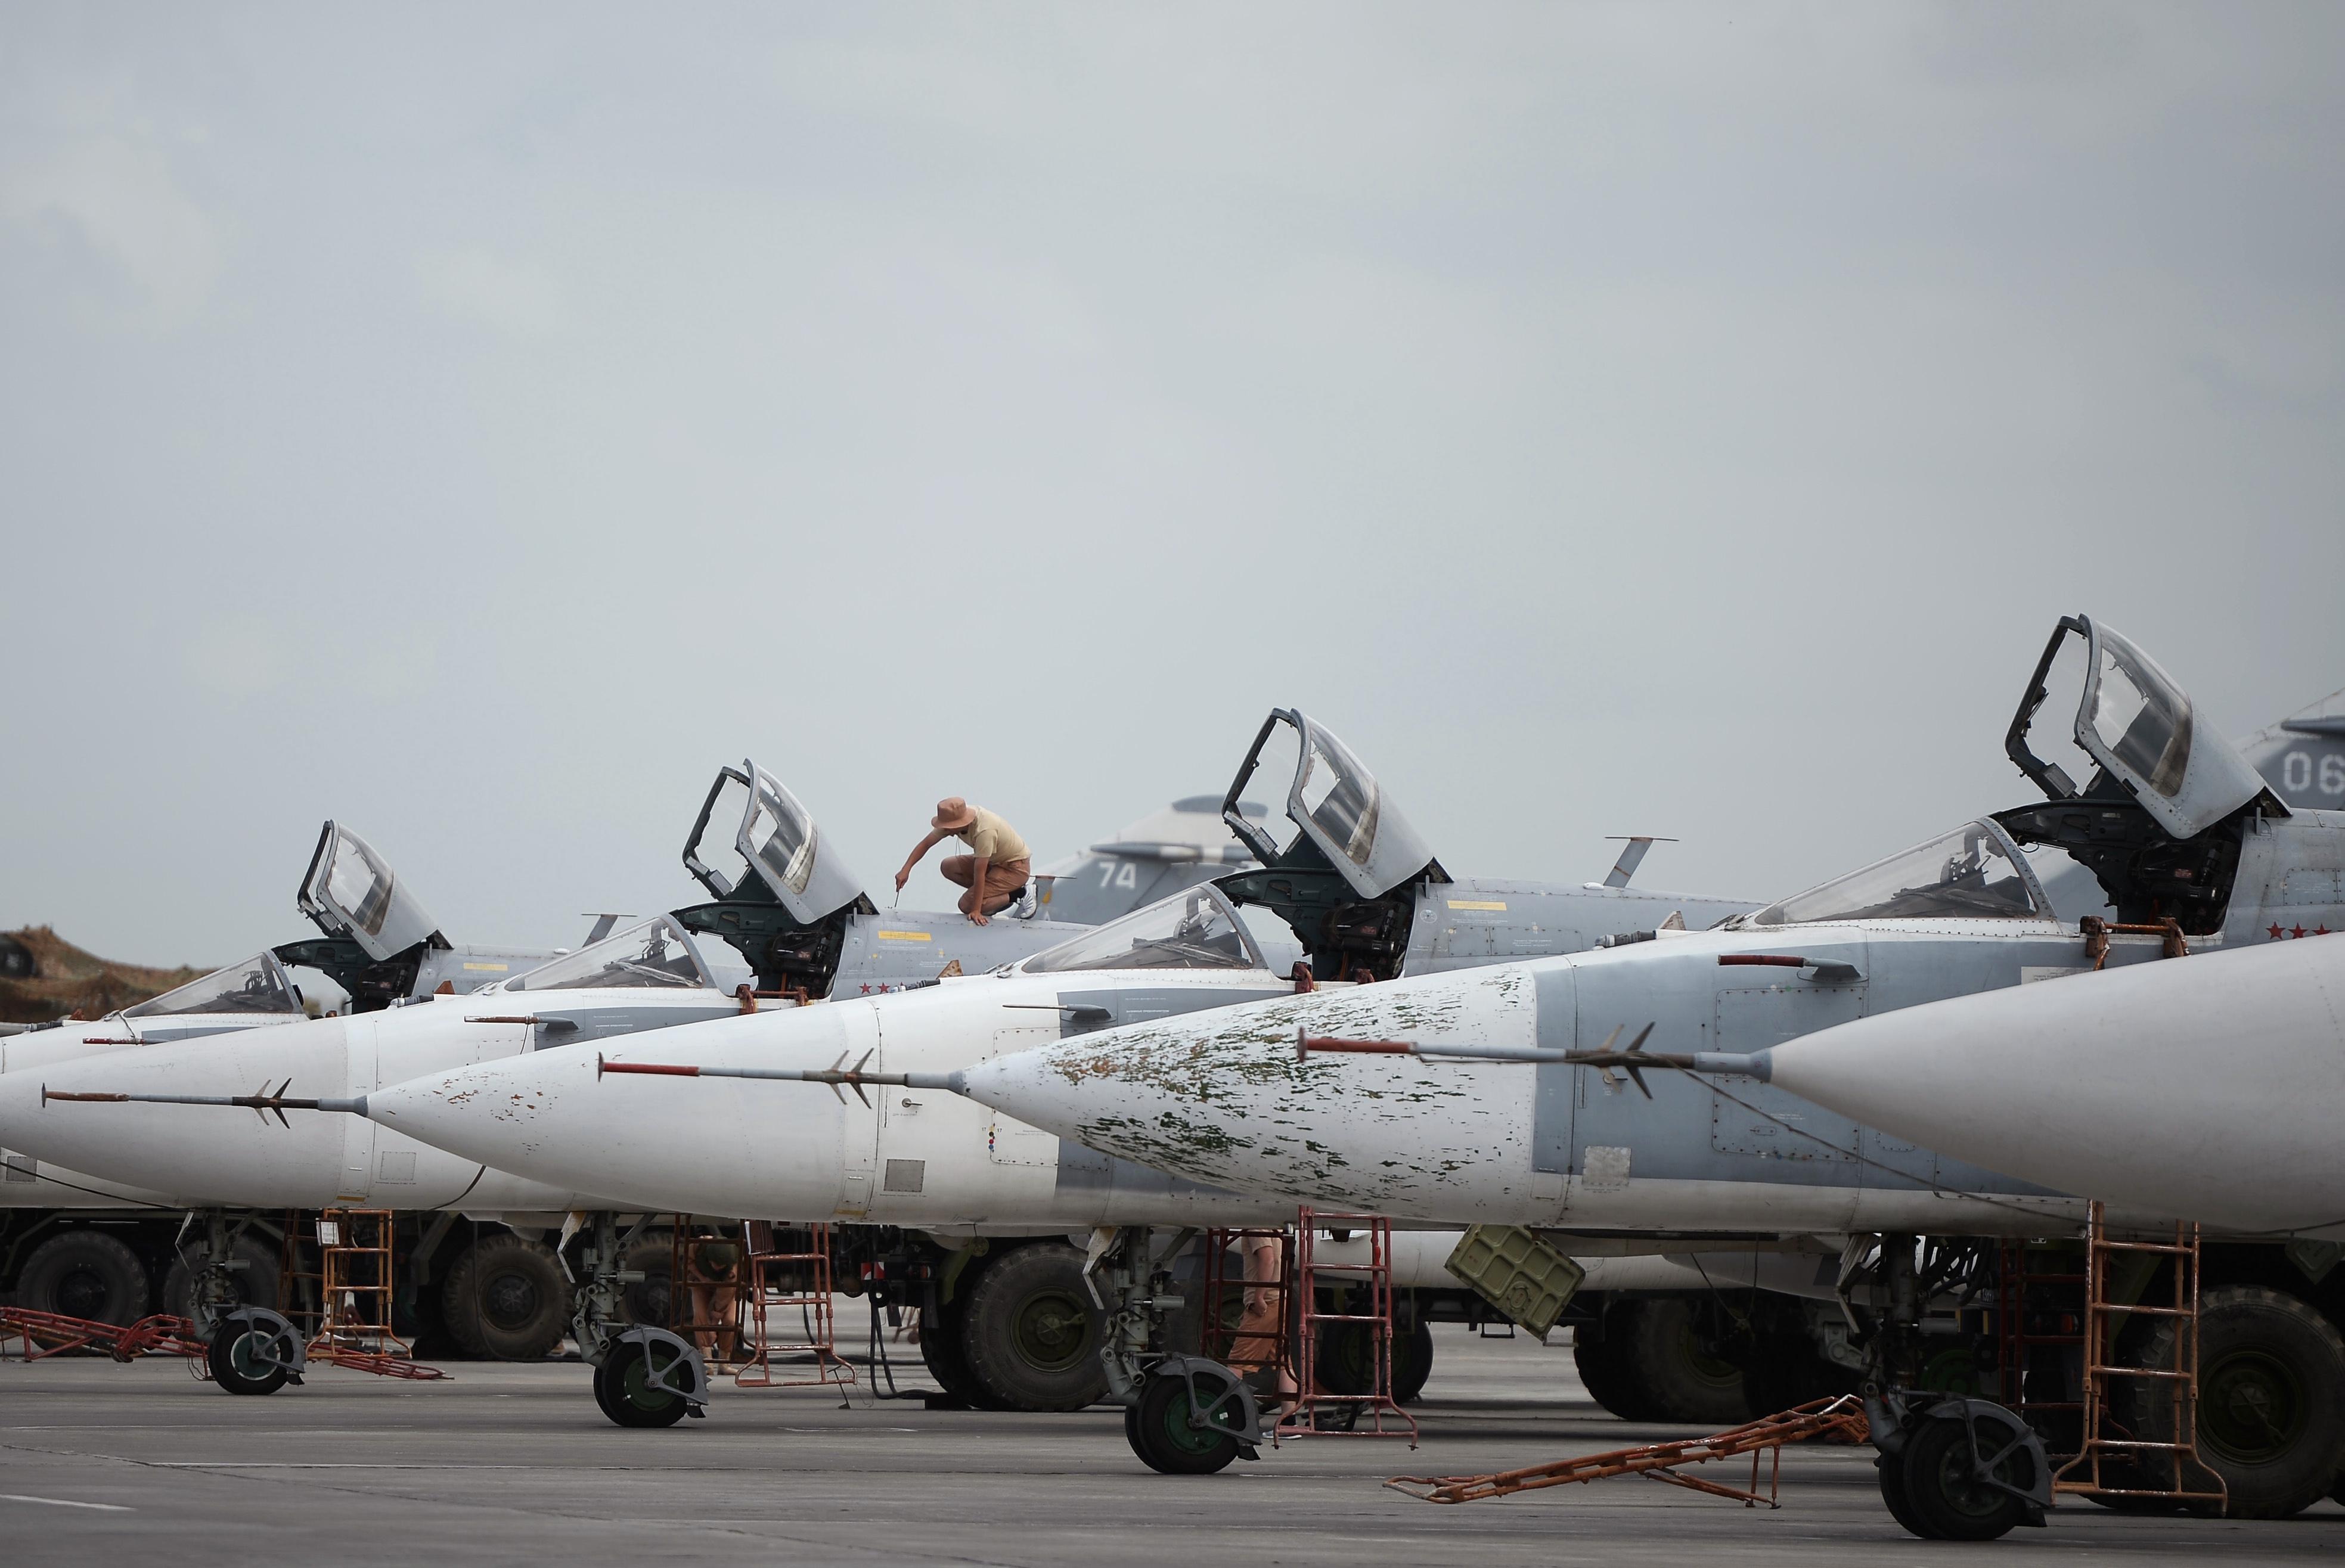 Féltucat orosz gépet semmisítettek meg szilveszterkor a lázadók Szíriában